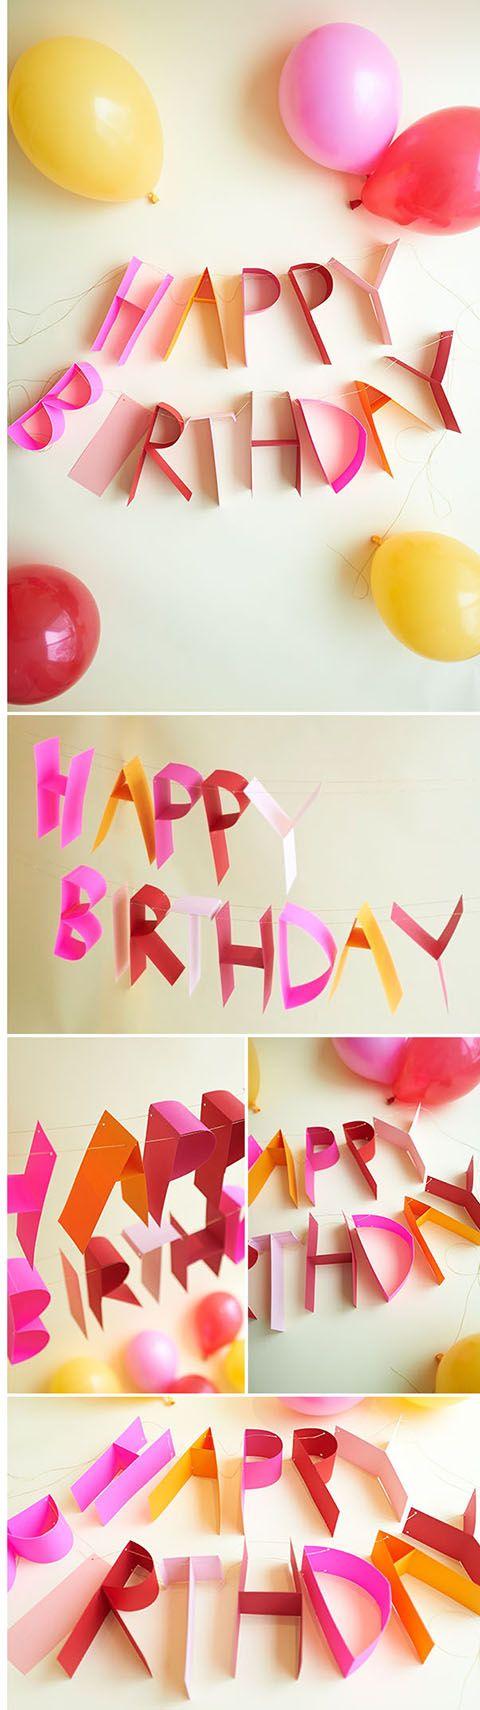 ガーランドの作り方6 ハーフバースデー Diy Birthdaybirthdaydiy